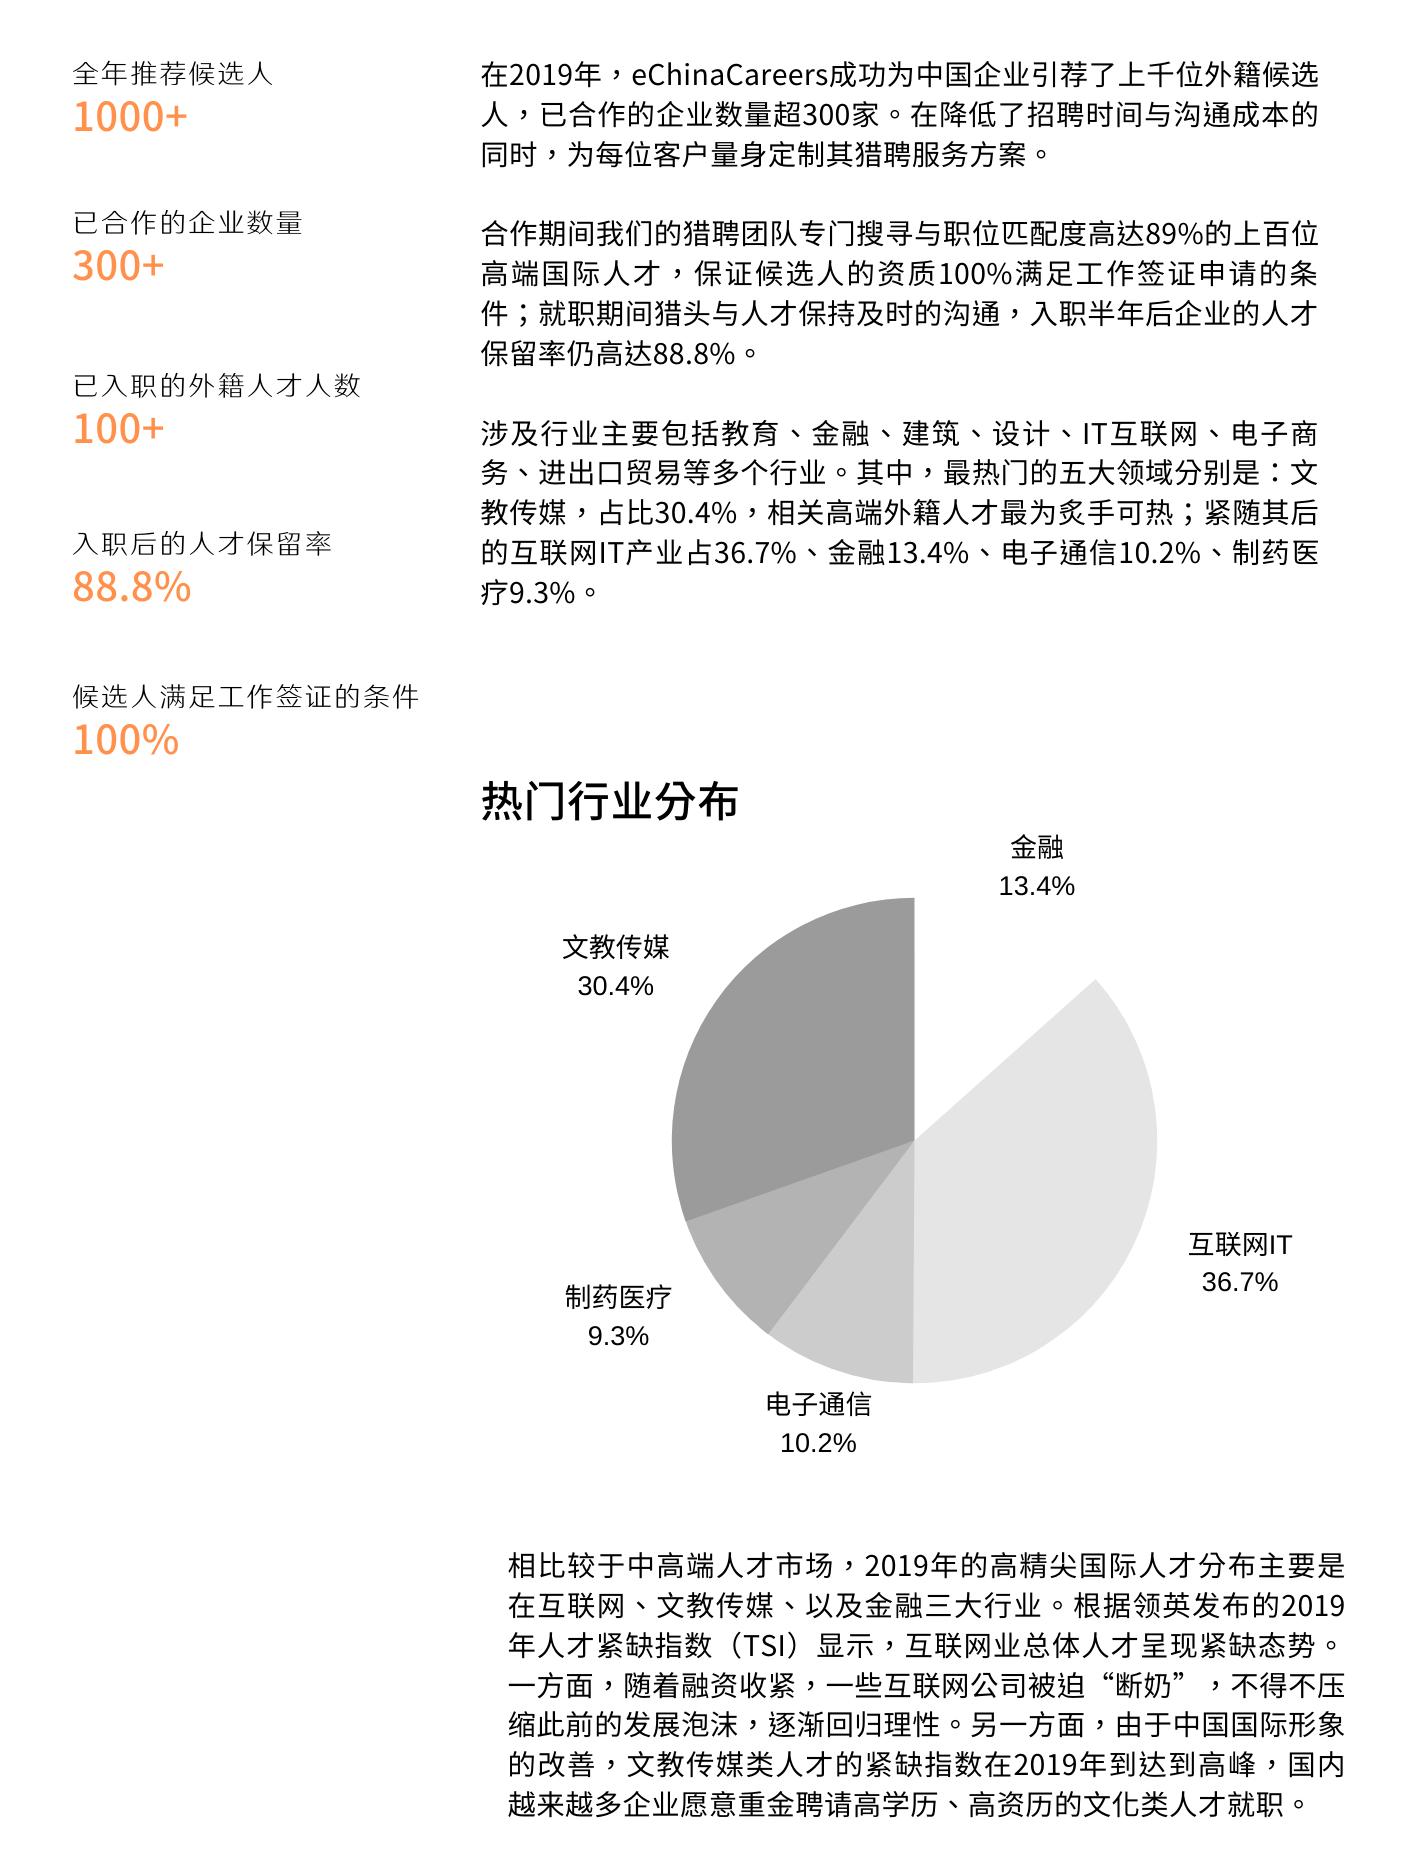 中国高端外籍人才薪资情况